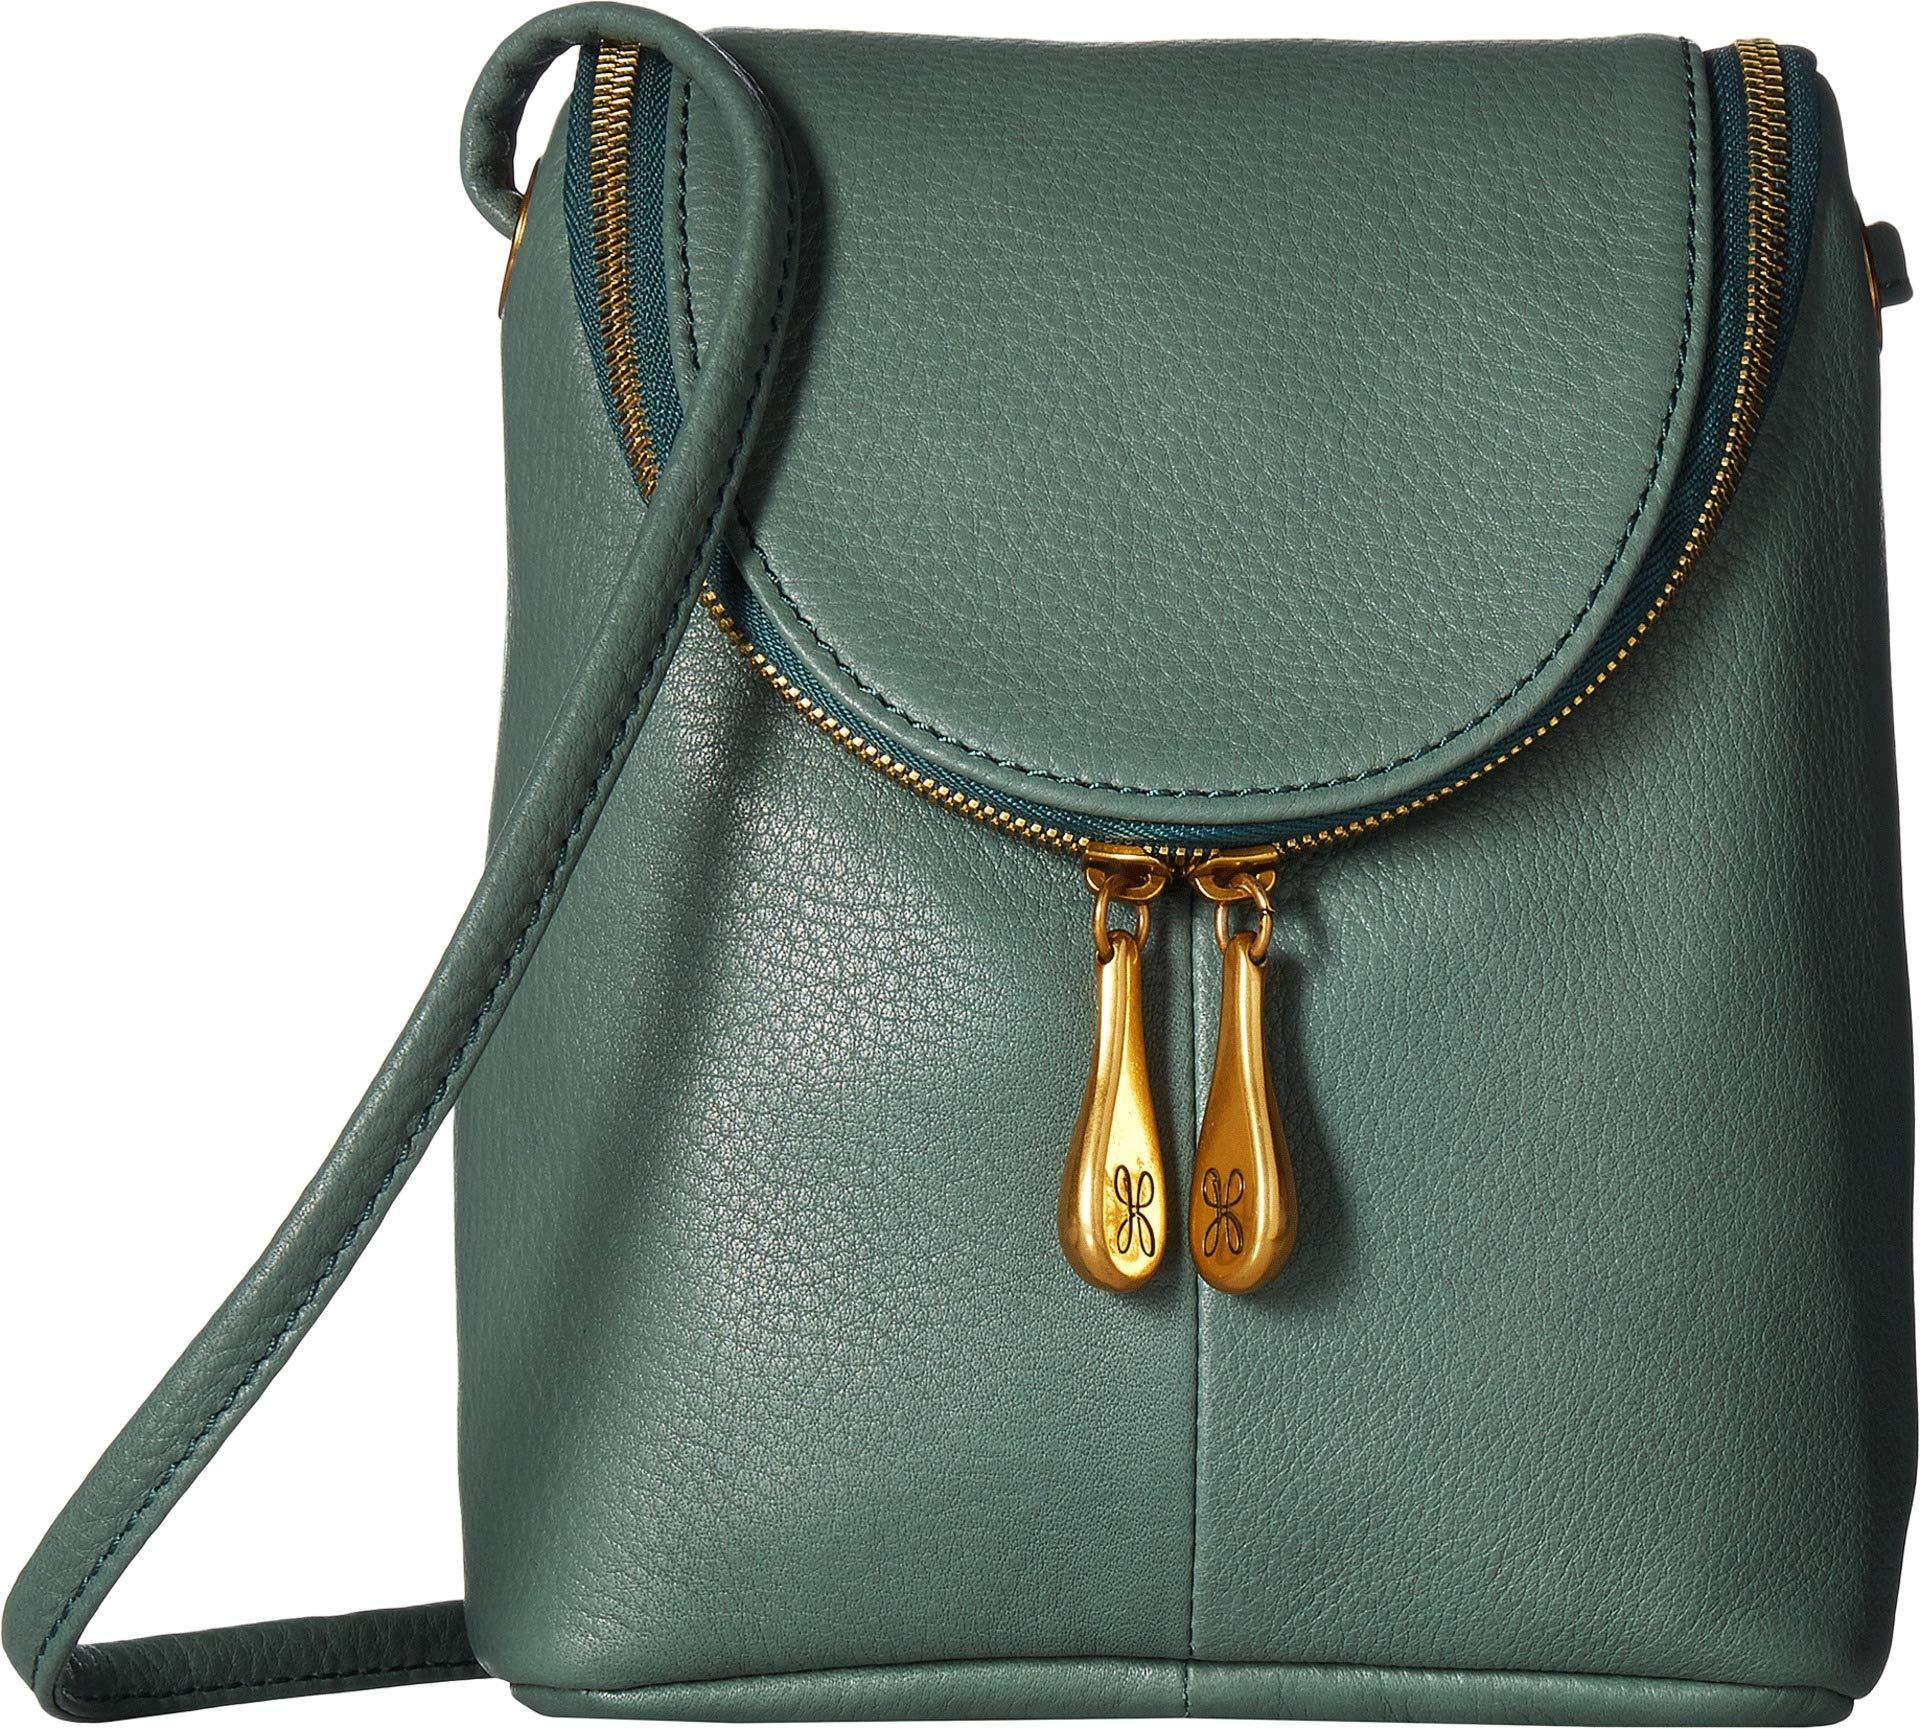 Hobo Women's Leather Fern Crossbody Bag (Meadow)